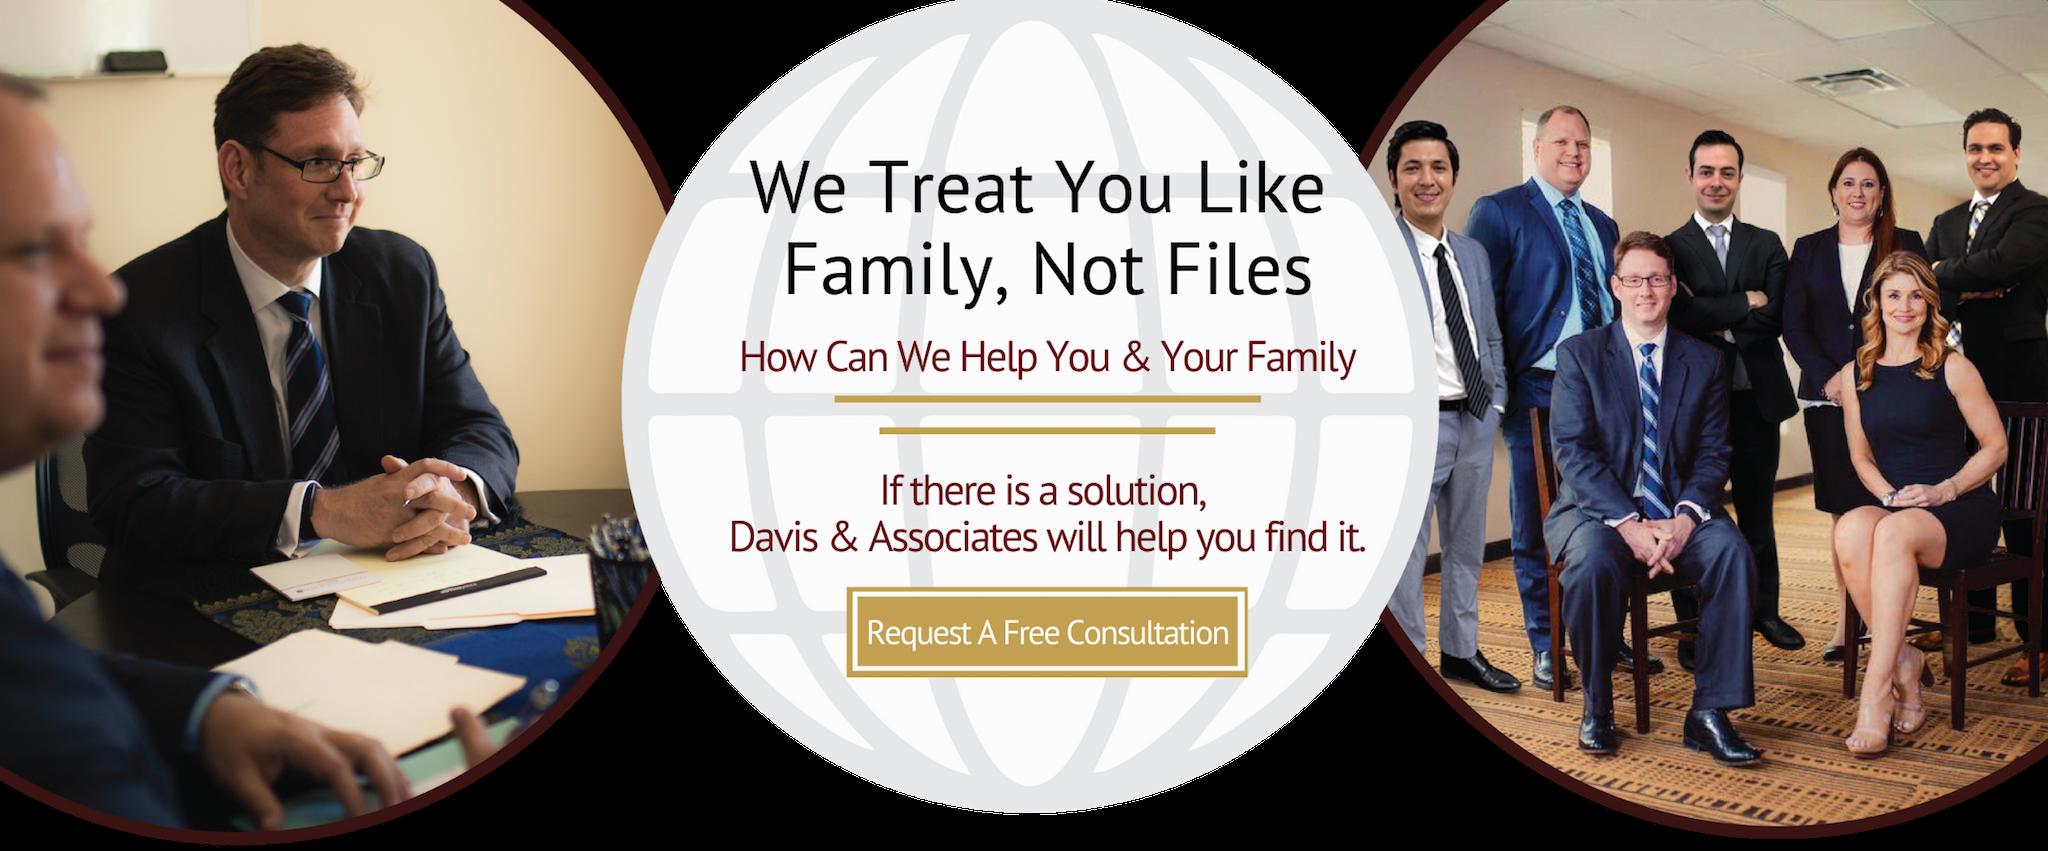 Davis & Associates - Texas Immigration Attorneys (4)